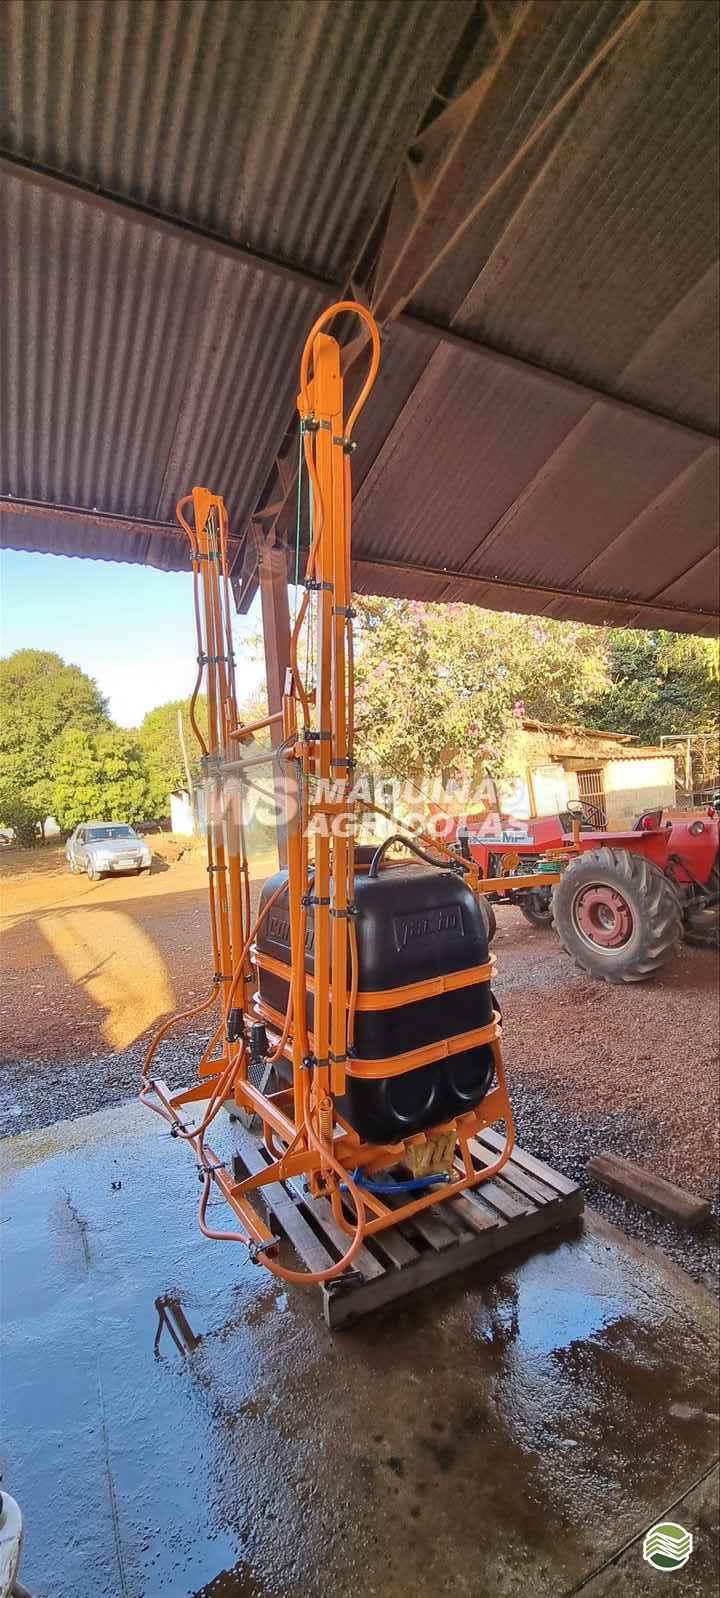 CONDOR 600 M12 de WS Máquinas Agrícolas - SERTAOZINHO/SP